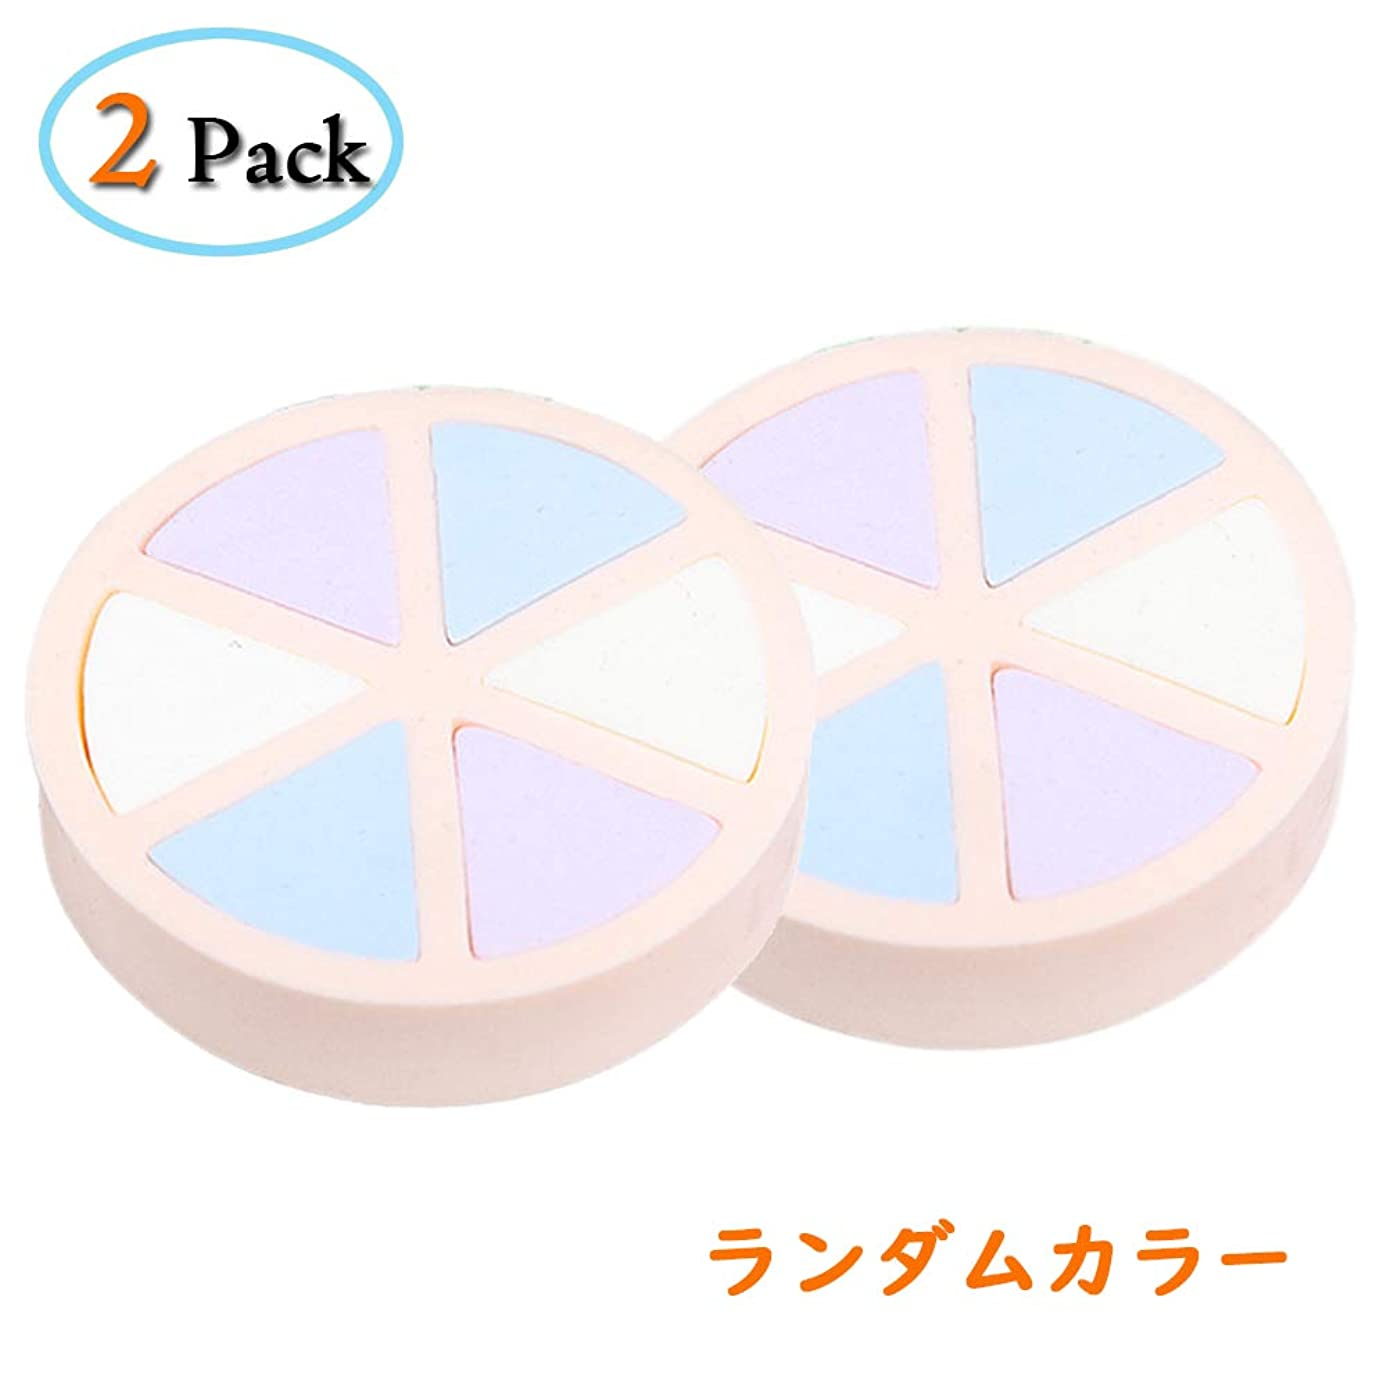 アクション旅客悪性腫瘍YuJiny メイク用スポンジパフ メイクスポンジ 化粧パフ 乾湿兼用 ランダムカラー 2個セット